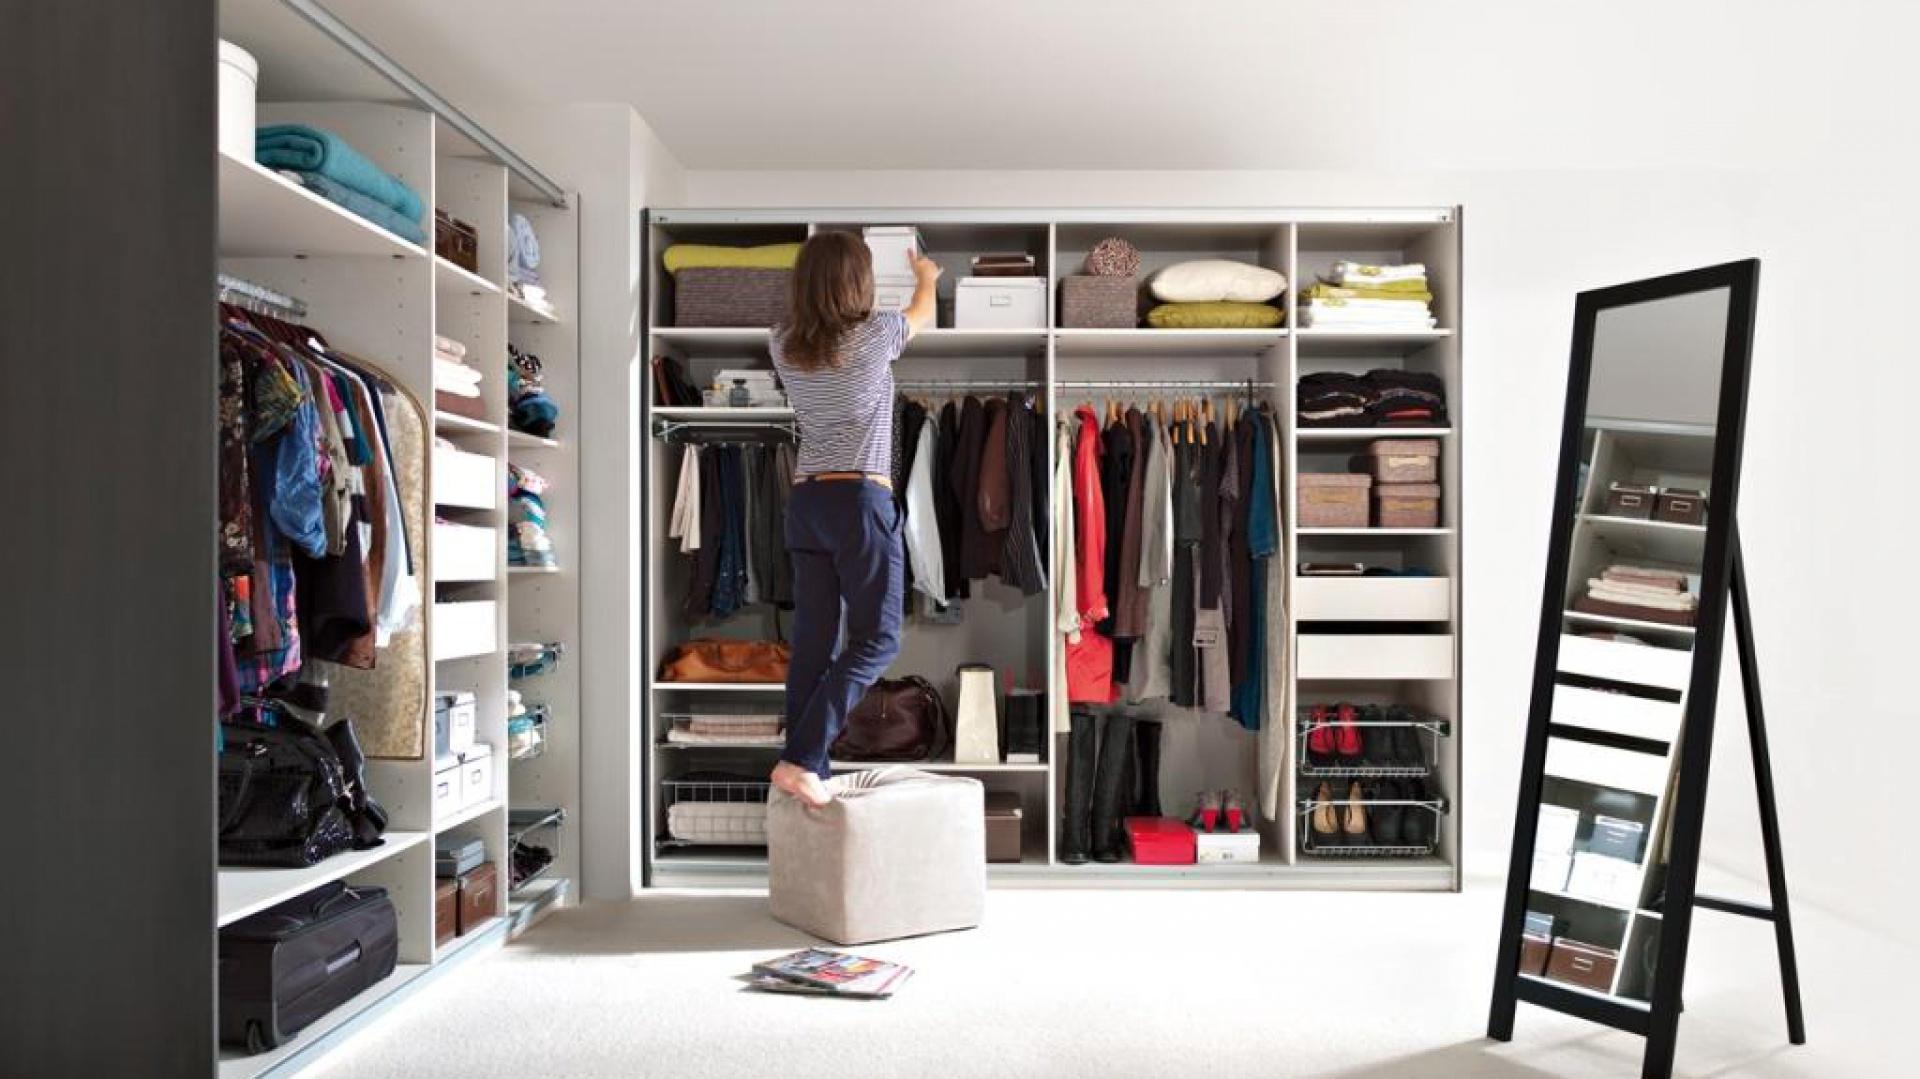 Wybierając szafę warto zwrócić uwagę na górną półkę. Pozwala ona na przechowywanie sezonowej odzieży, której w danym momencie nie nosimy. Na zdjęciu: szafa Kamix. Fot. BRW.